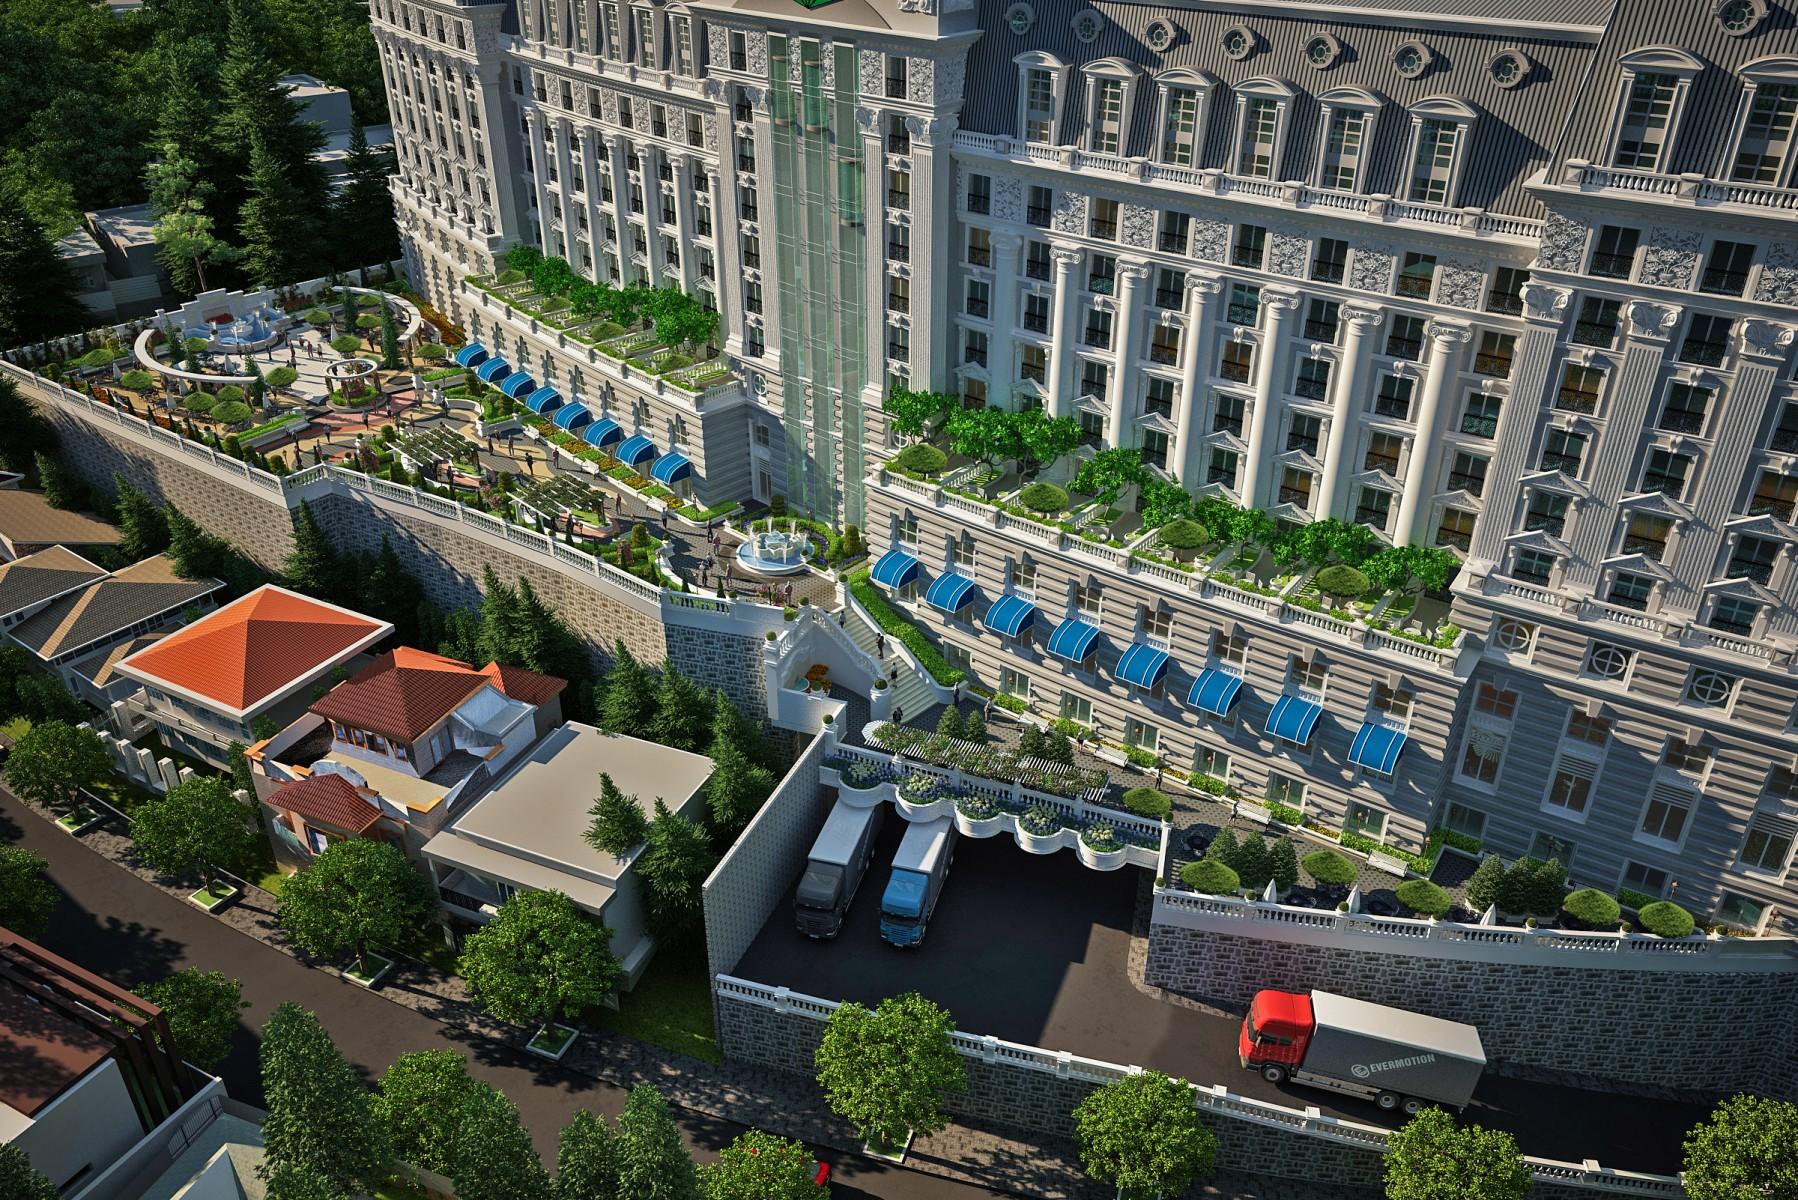 Lâm Đồng chuyển chức năng đất cho Tập đoàn Khải Vy làm khách sạn nghìn tỷ - Ảnh 1.